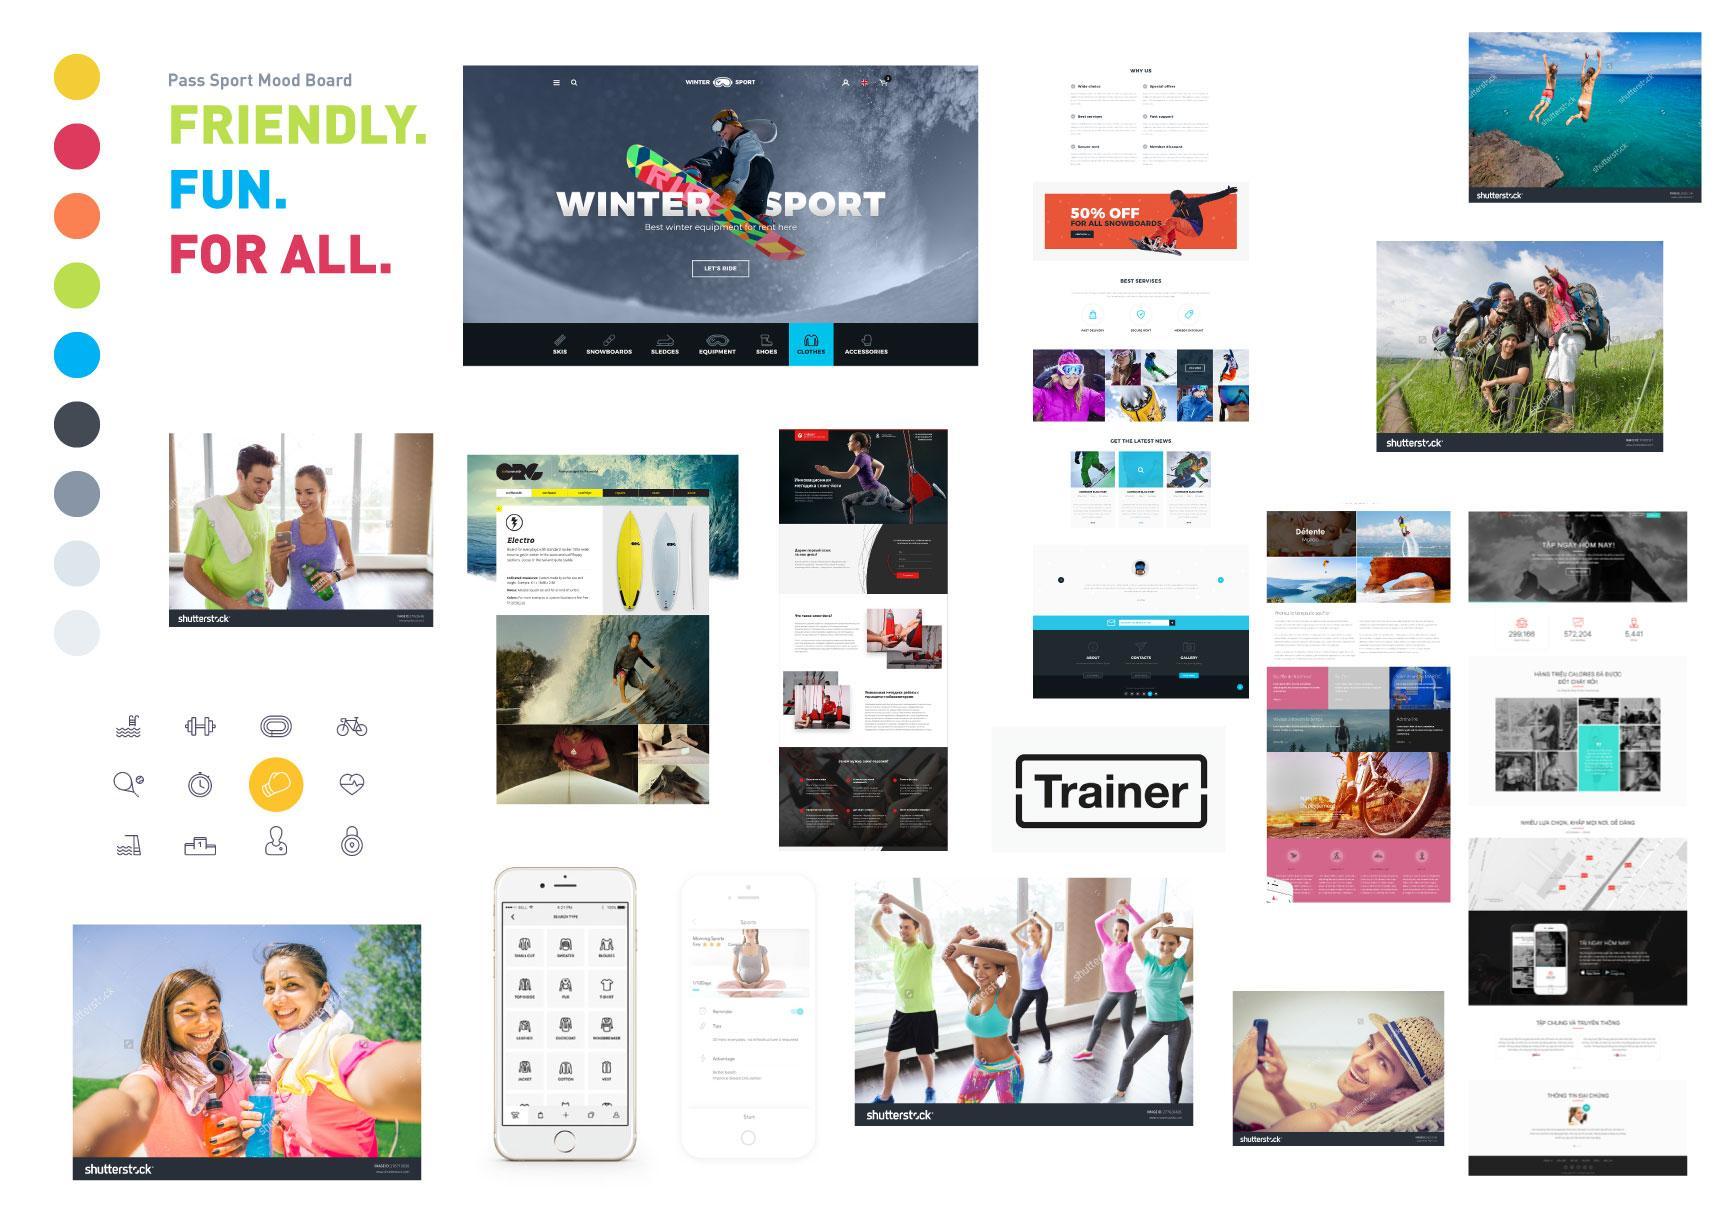 blog introcrea mood boad caso de diseño de marca